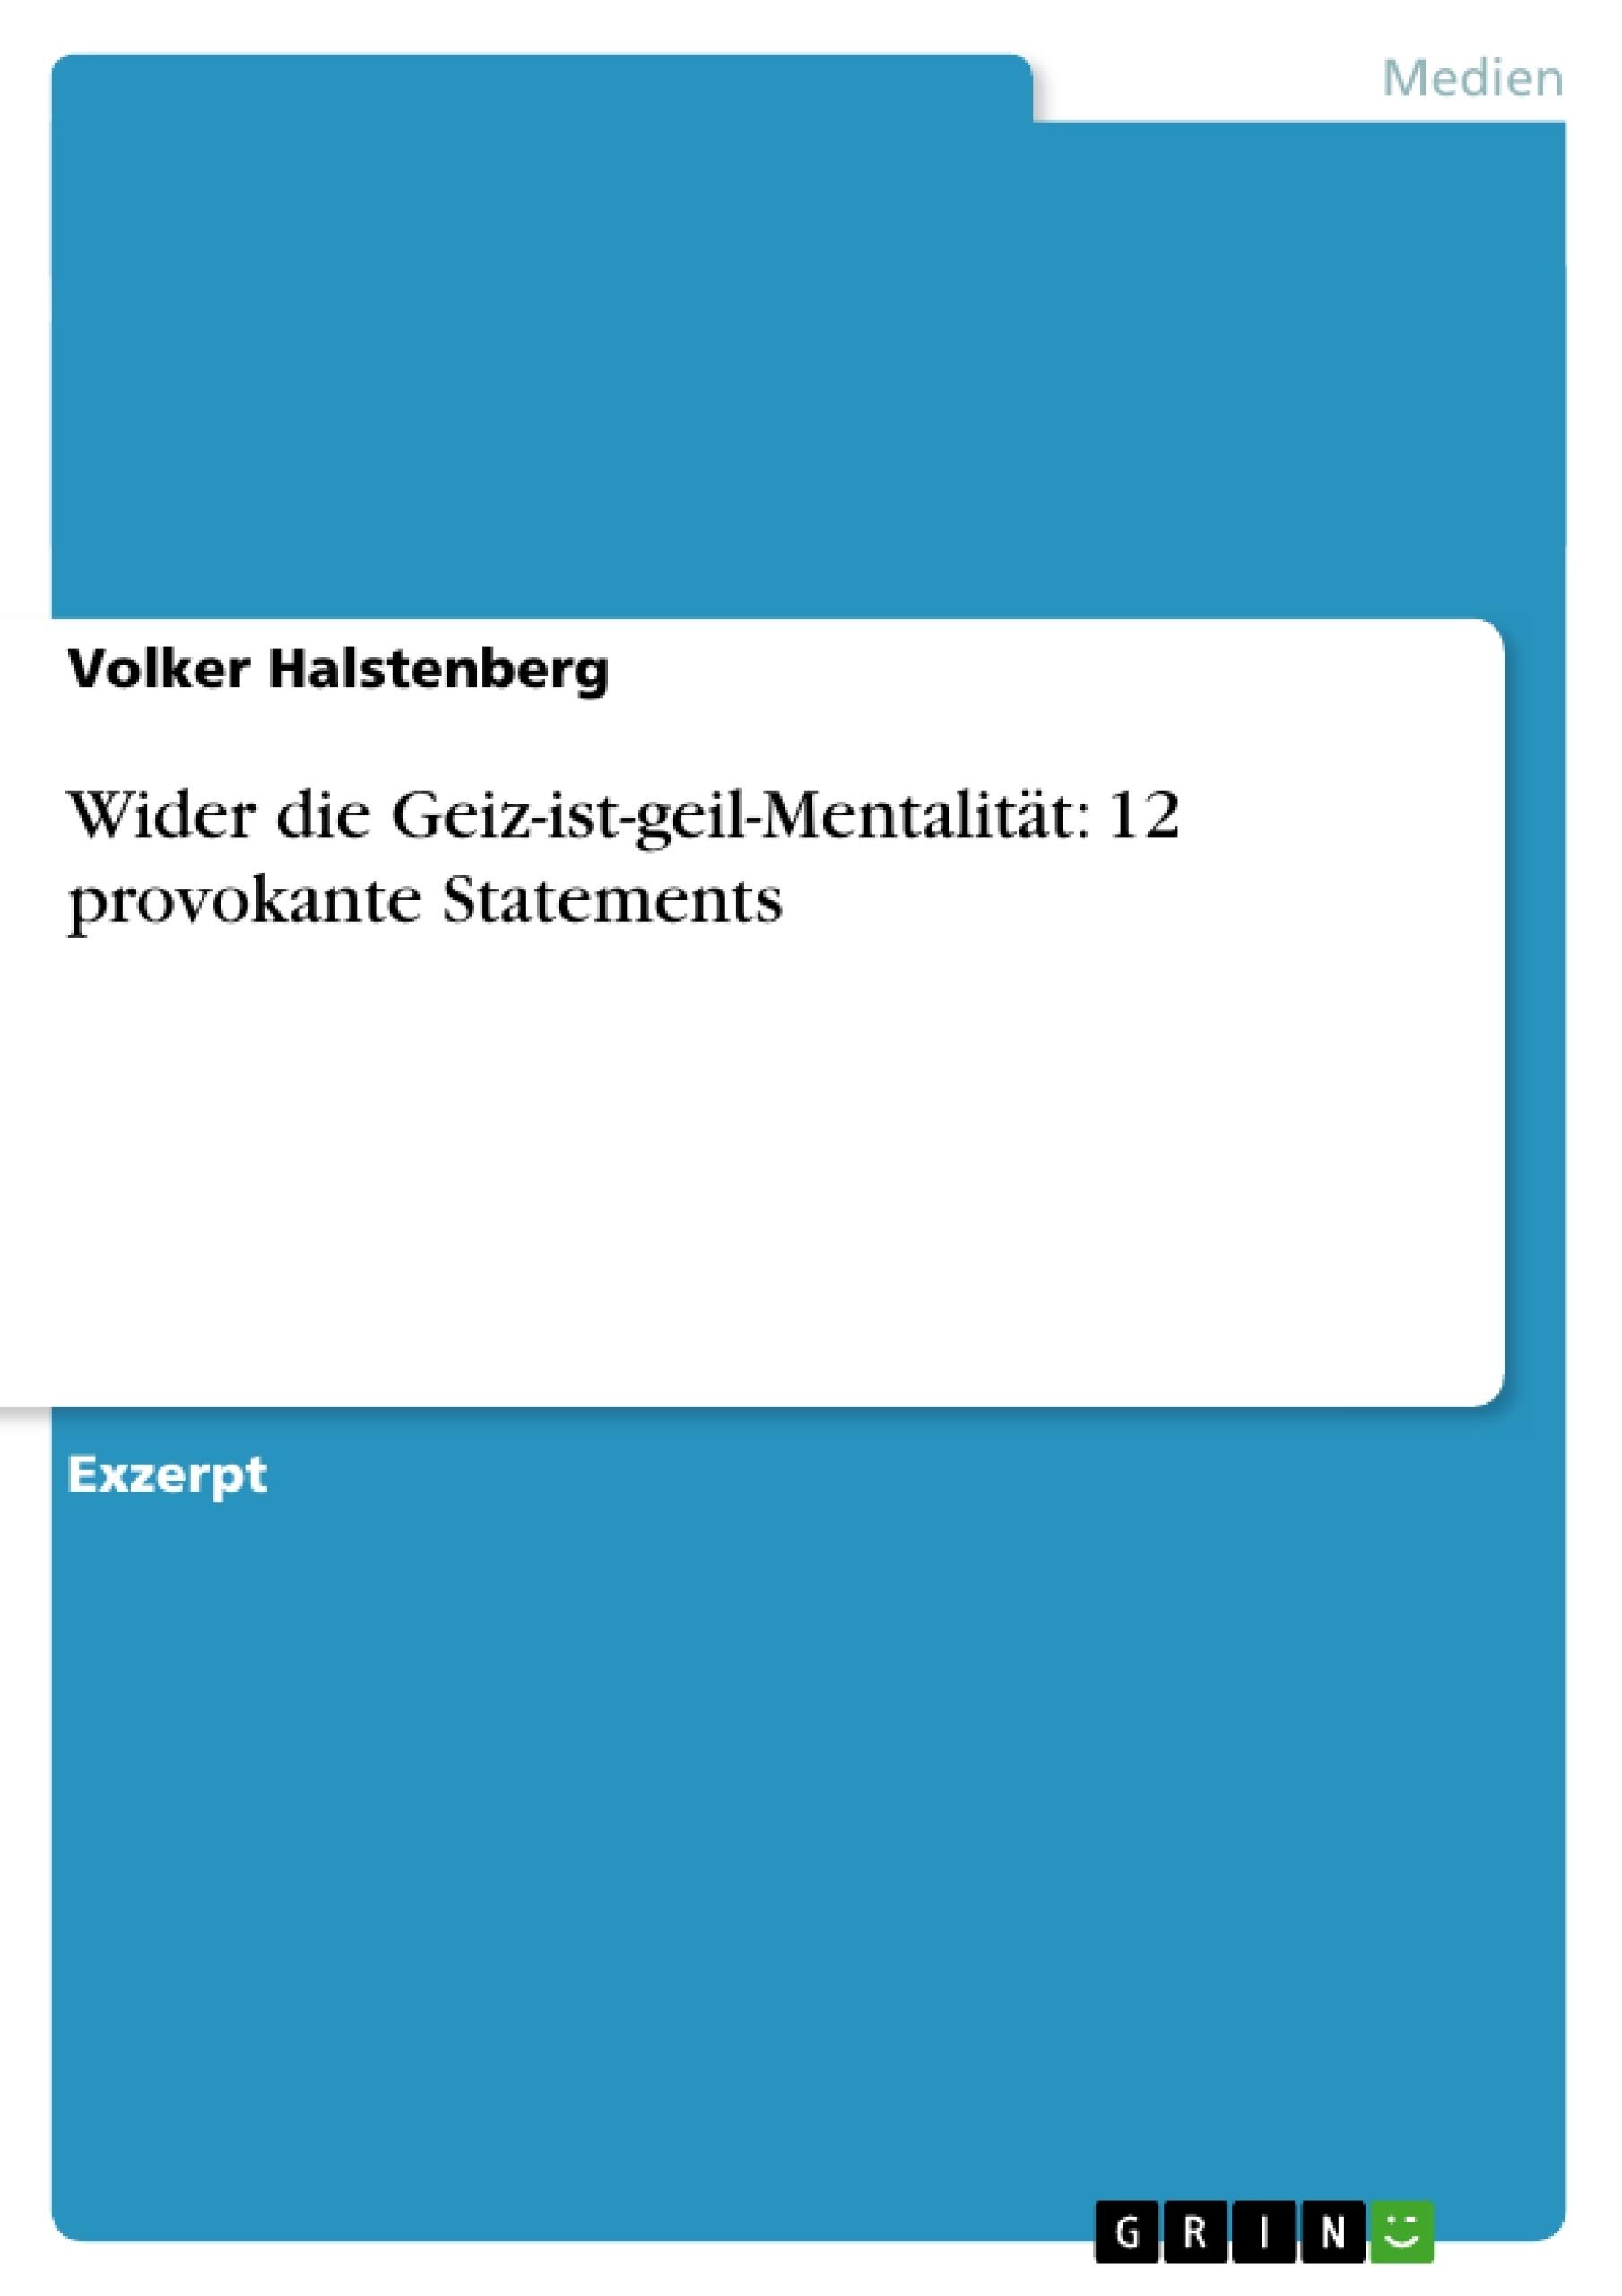 Titel: Wider die Geiz-ist-geil-Mentalität: 12 provokante Statements